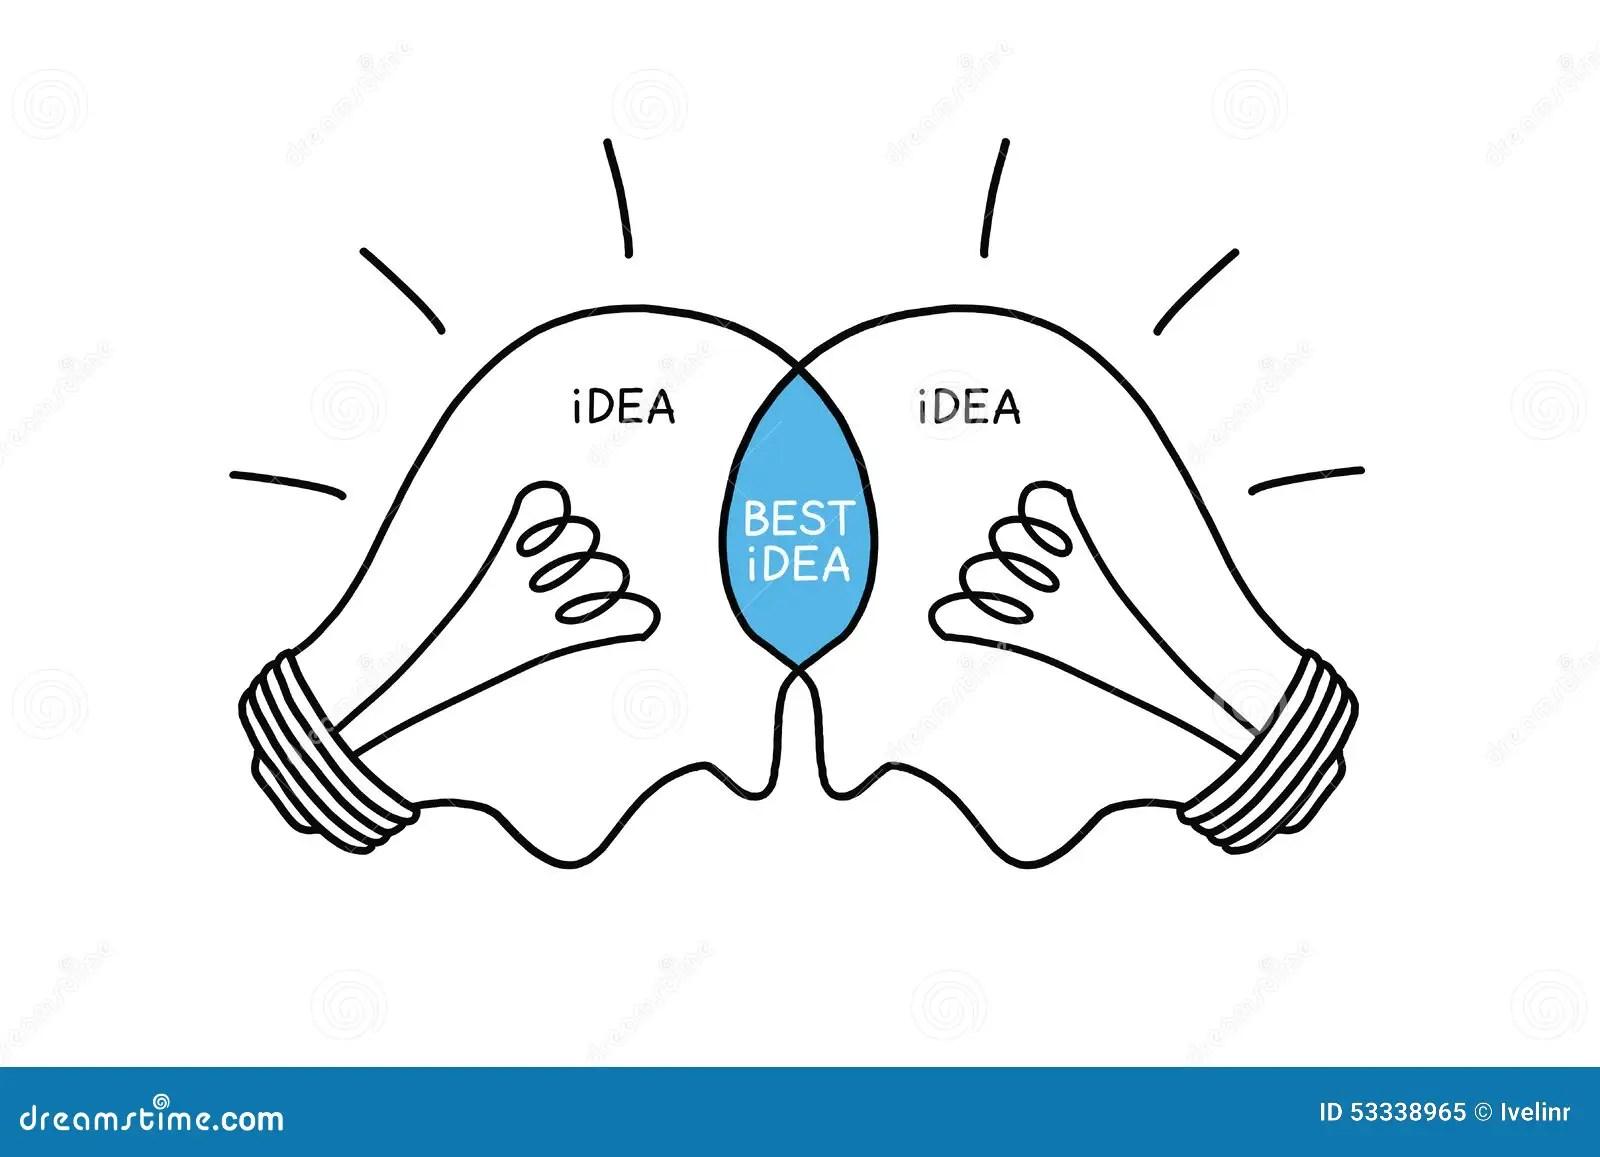 Bulbs Concept Best Idea stock illustration. Illustration